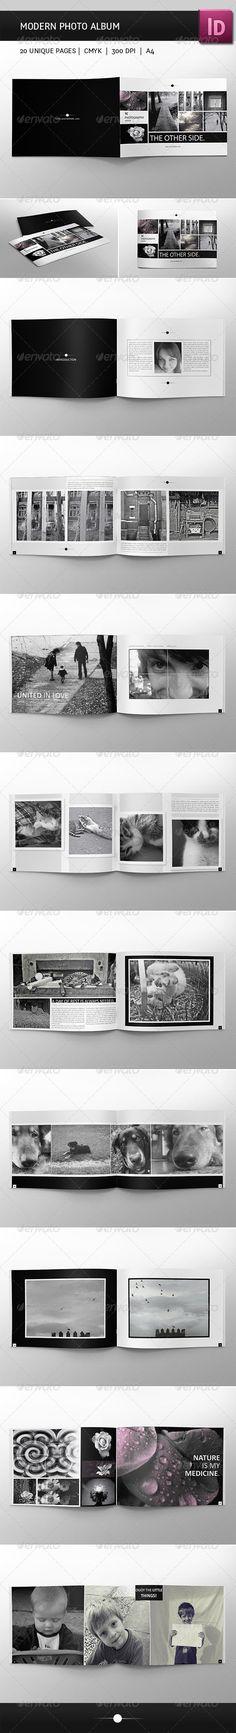 Modern Photo Album - Photo Albums Print Templates